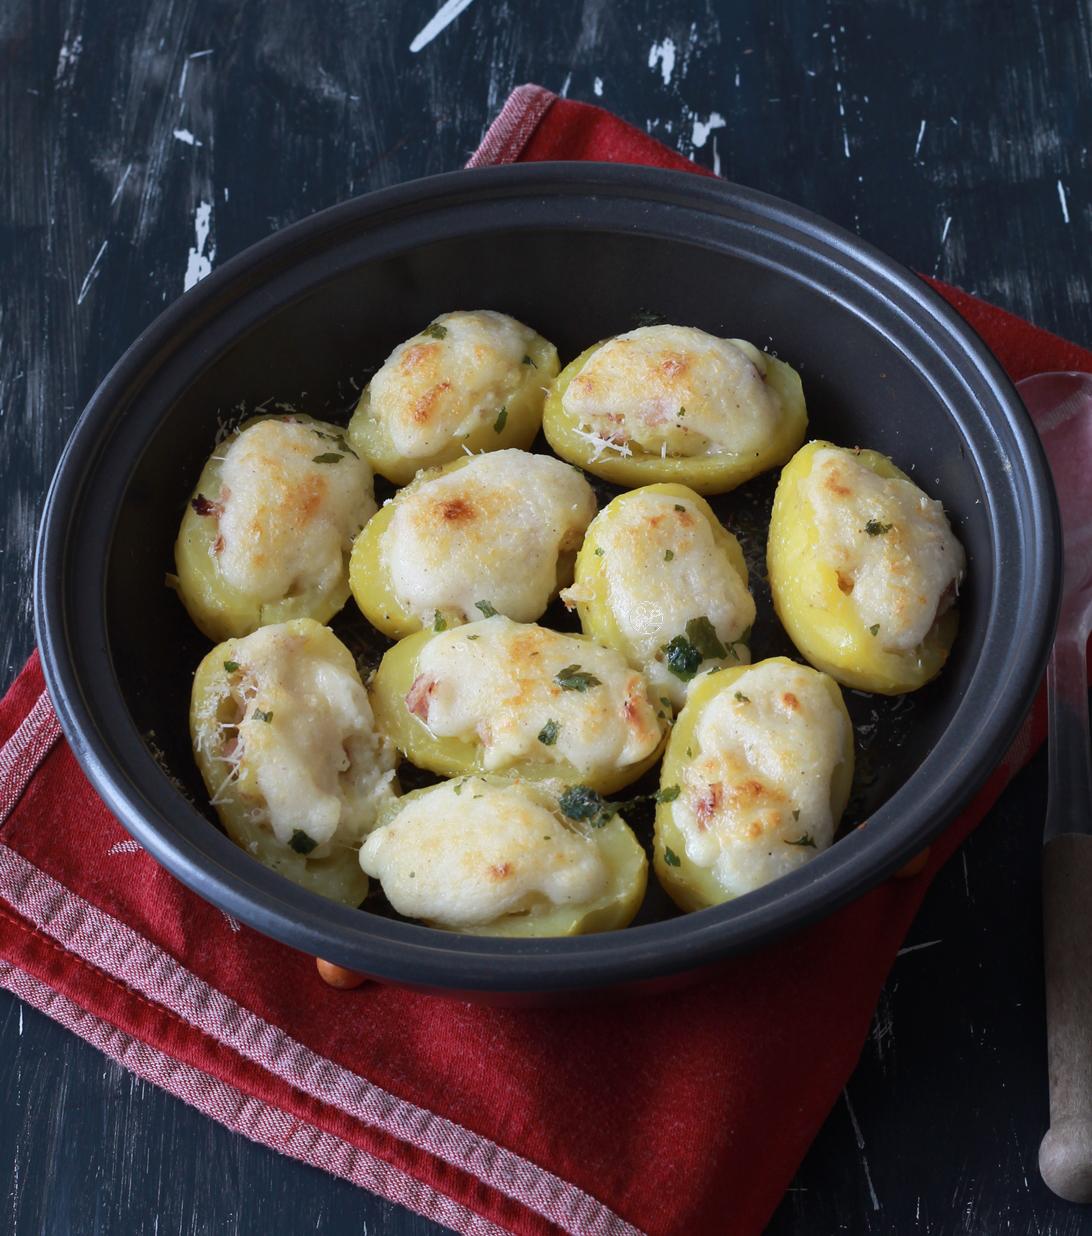 Patate ripiene con prosciutto e besciamella senza glutine - La Cassata Celiaca